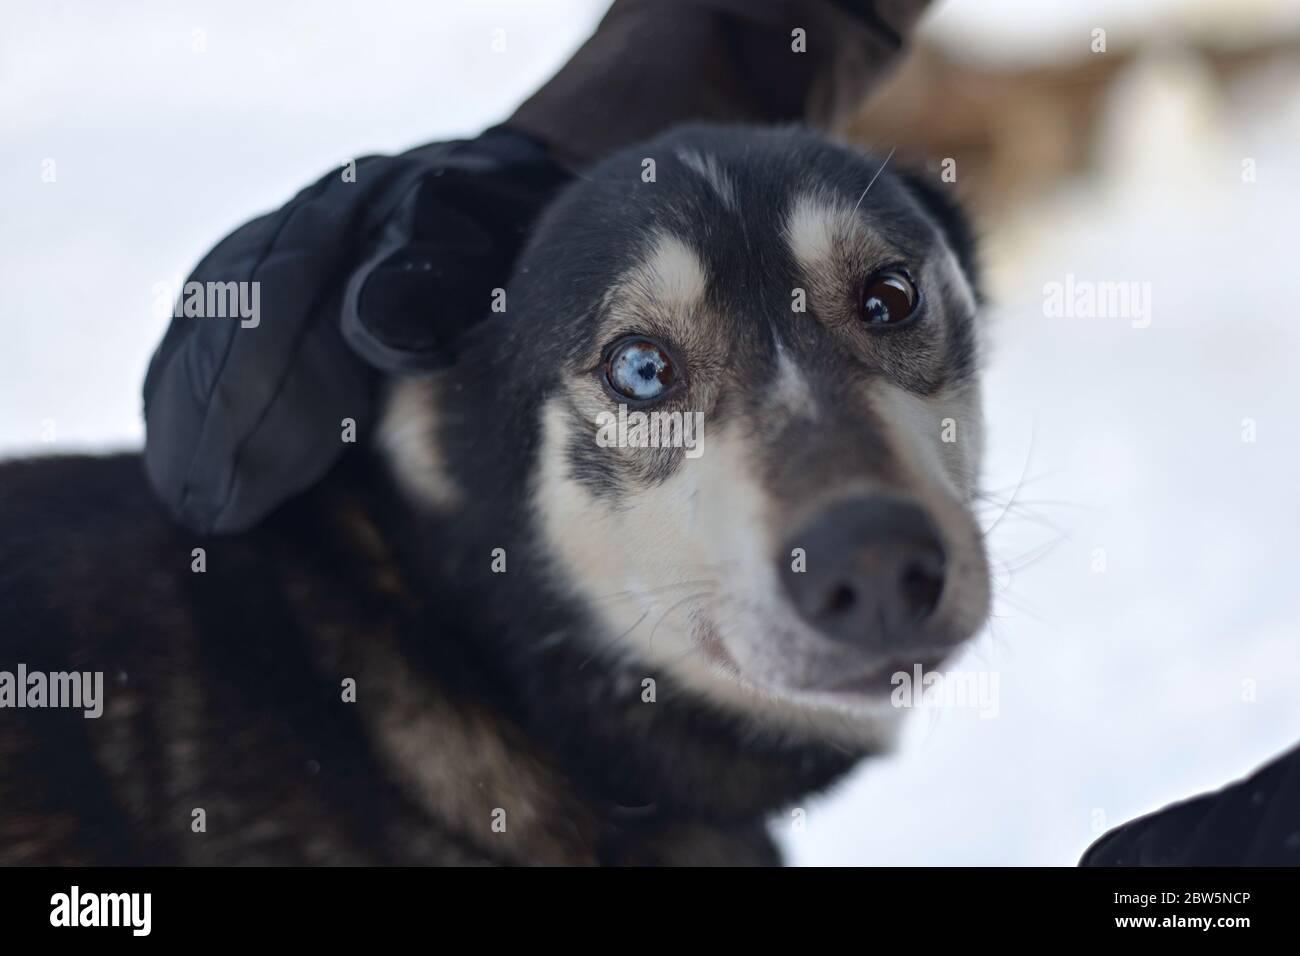 Ce husky noir est en train d'être pillé et ses yeux bleu et marron étonnamment beaux regardent la caméra Banque D'Images